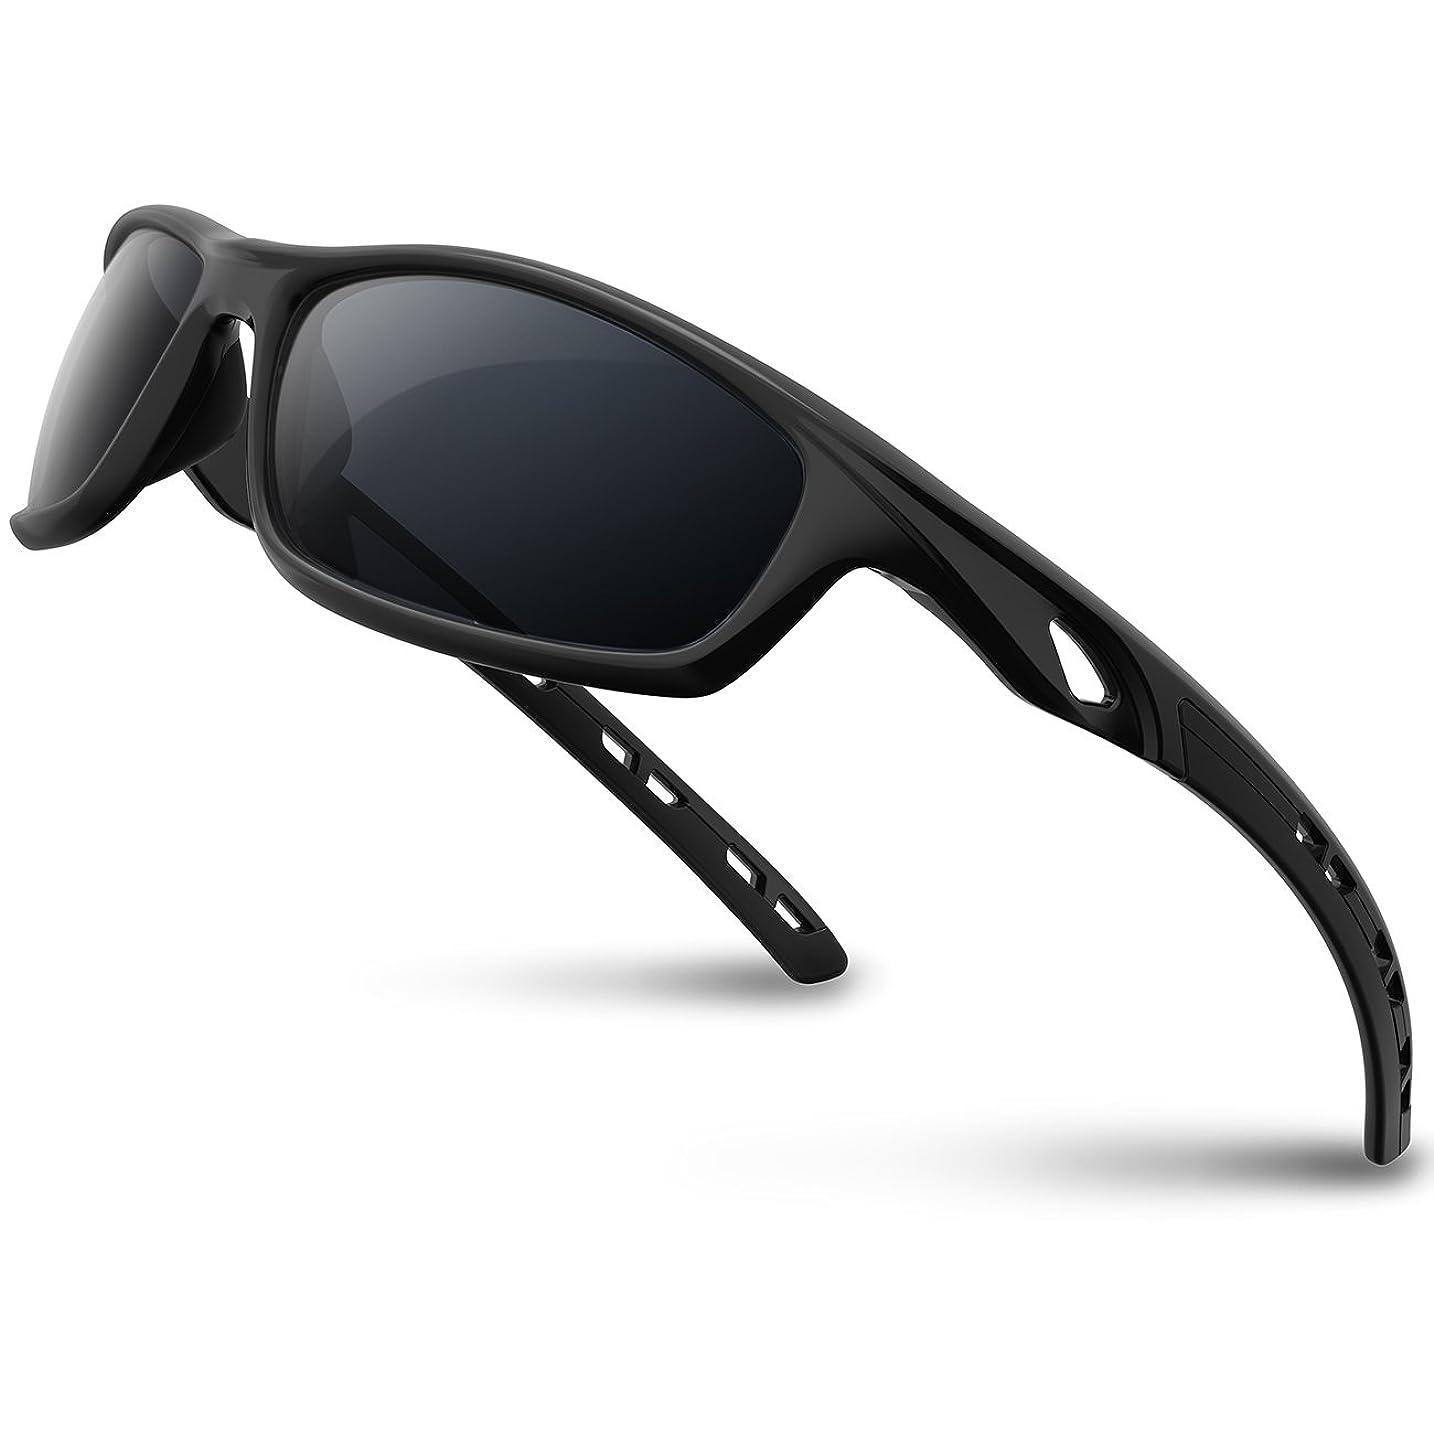 これまでスキニー政策RIVBOS RB833 スポーツサングラス 偏光レンズ TR90フレーム メンズ レディース ユニセックス サイクリングサングラス UVカット 軽量 ランニングサングラス サイクリング アイウェア